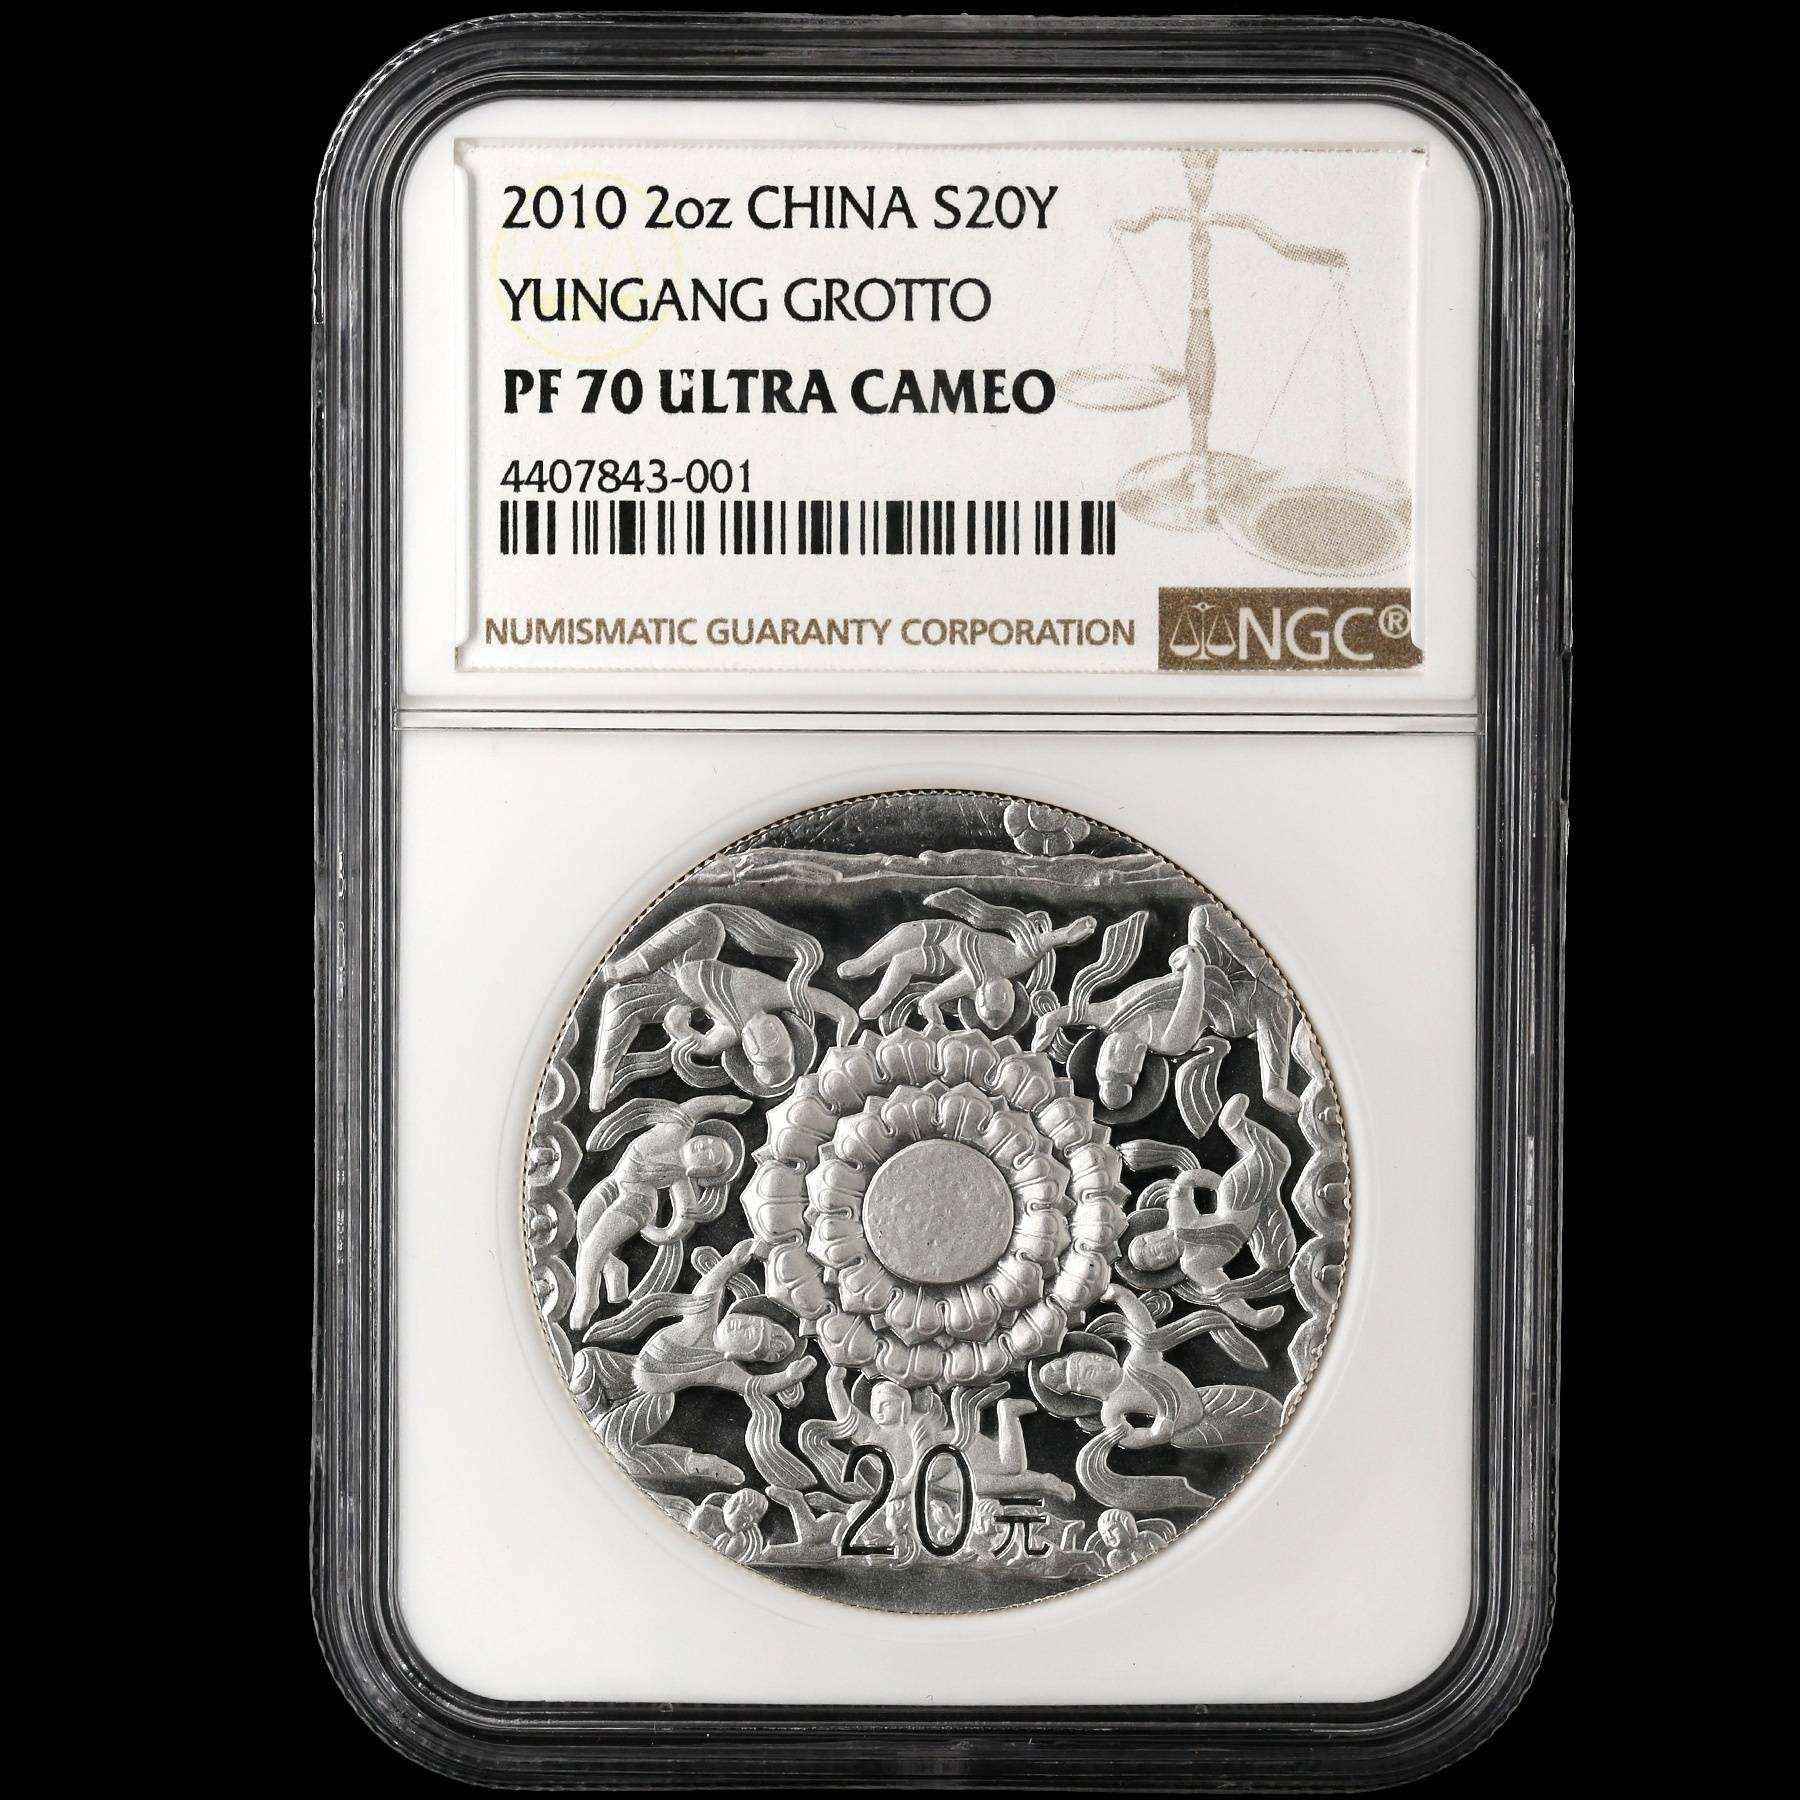 云冈石窟2盎司银币投资价值高吗?